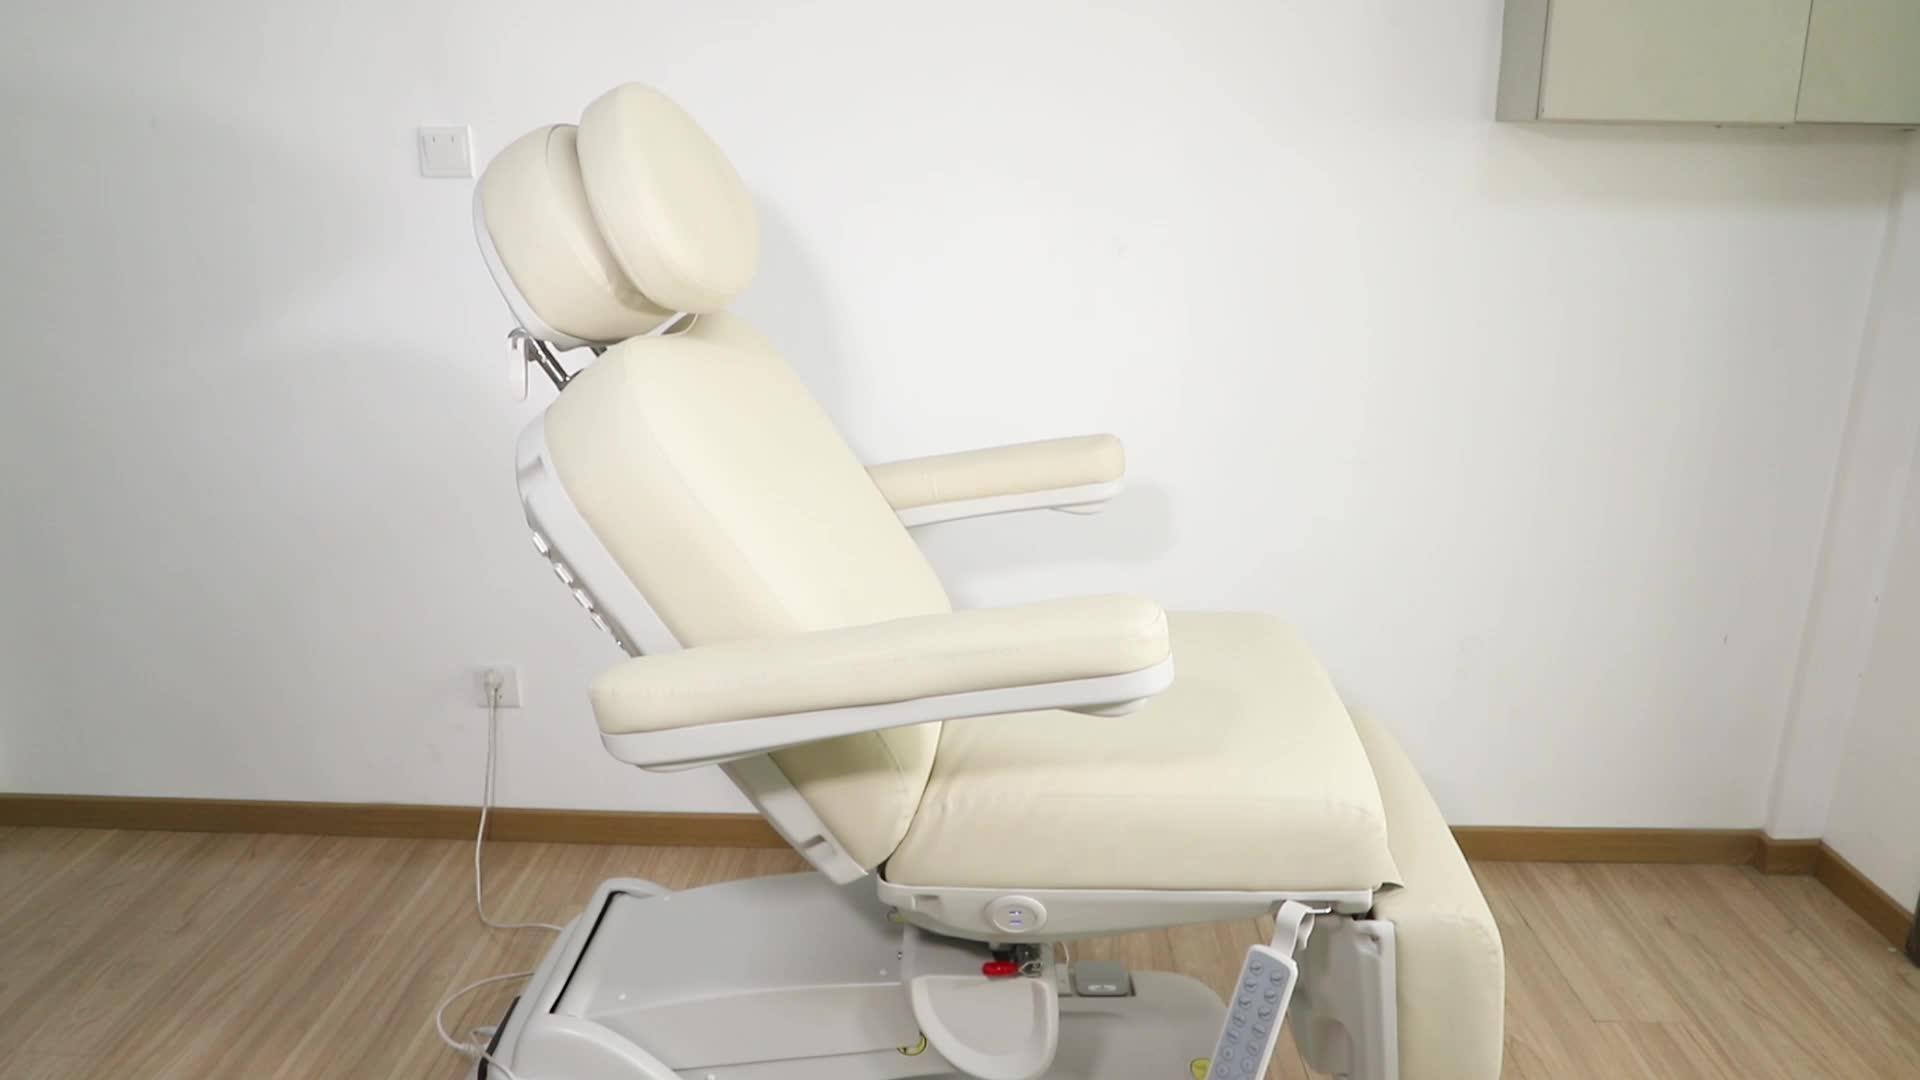 Güzellik salonu mobilyası 4 motor ayak bakımı dermatoloji sandalye elektrikli yüz yatak